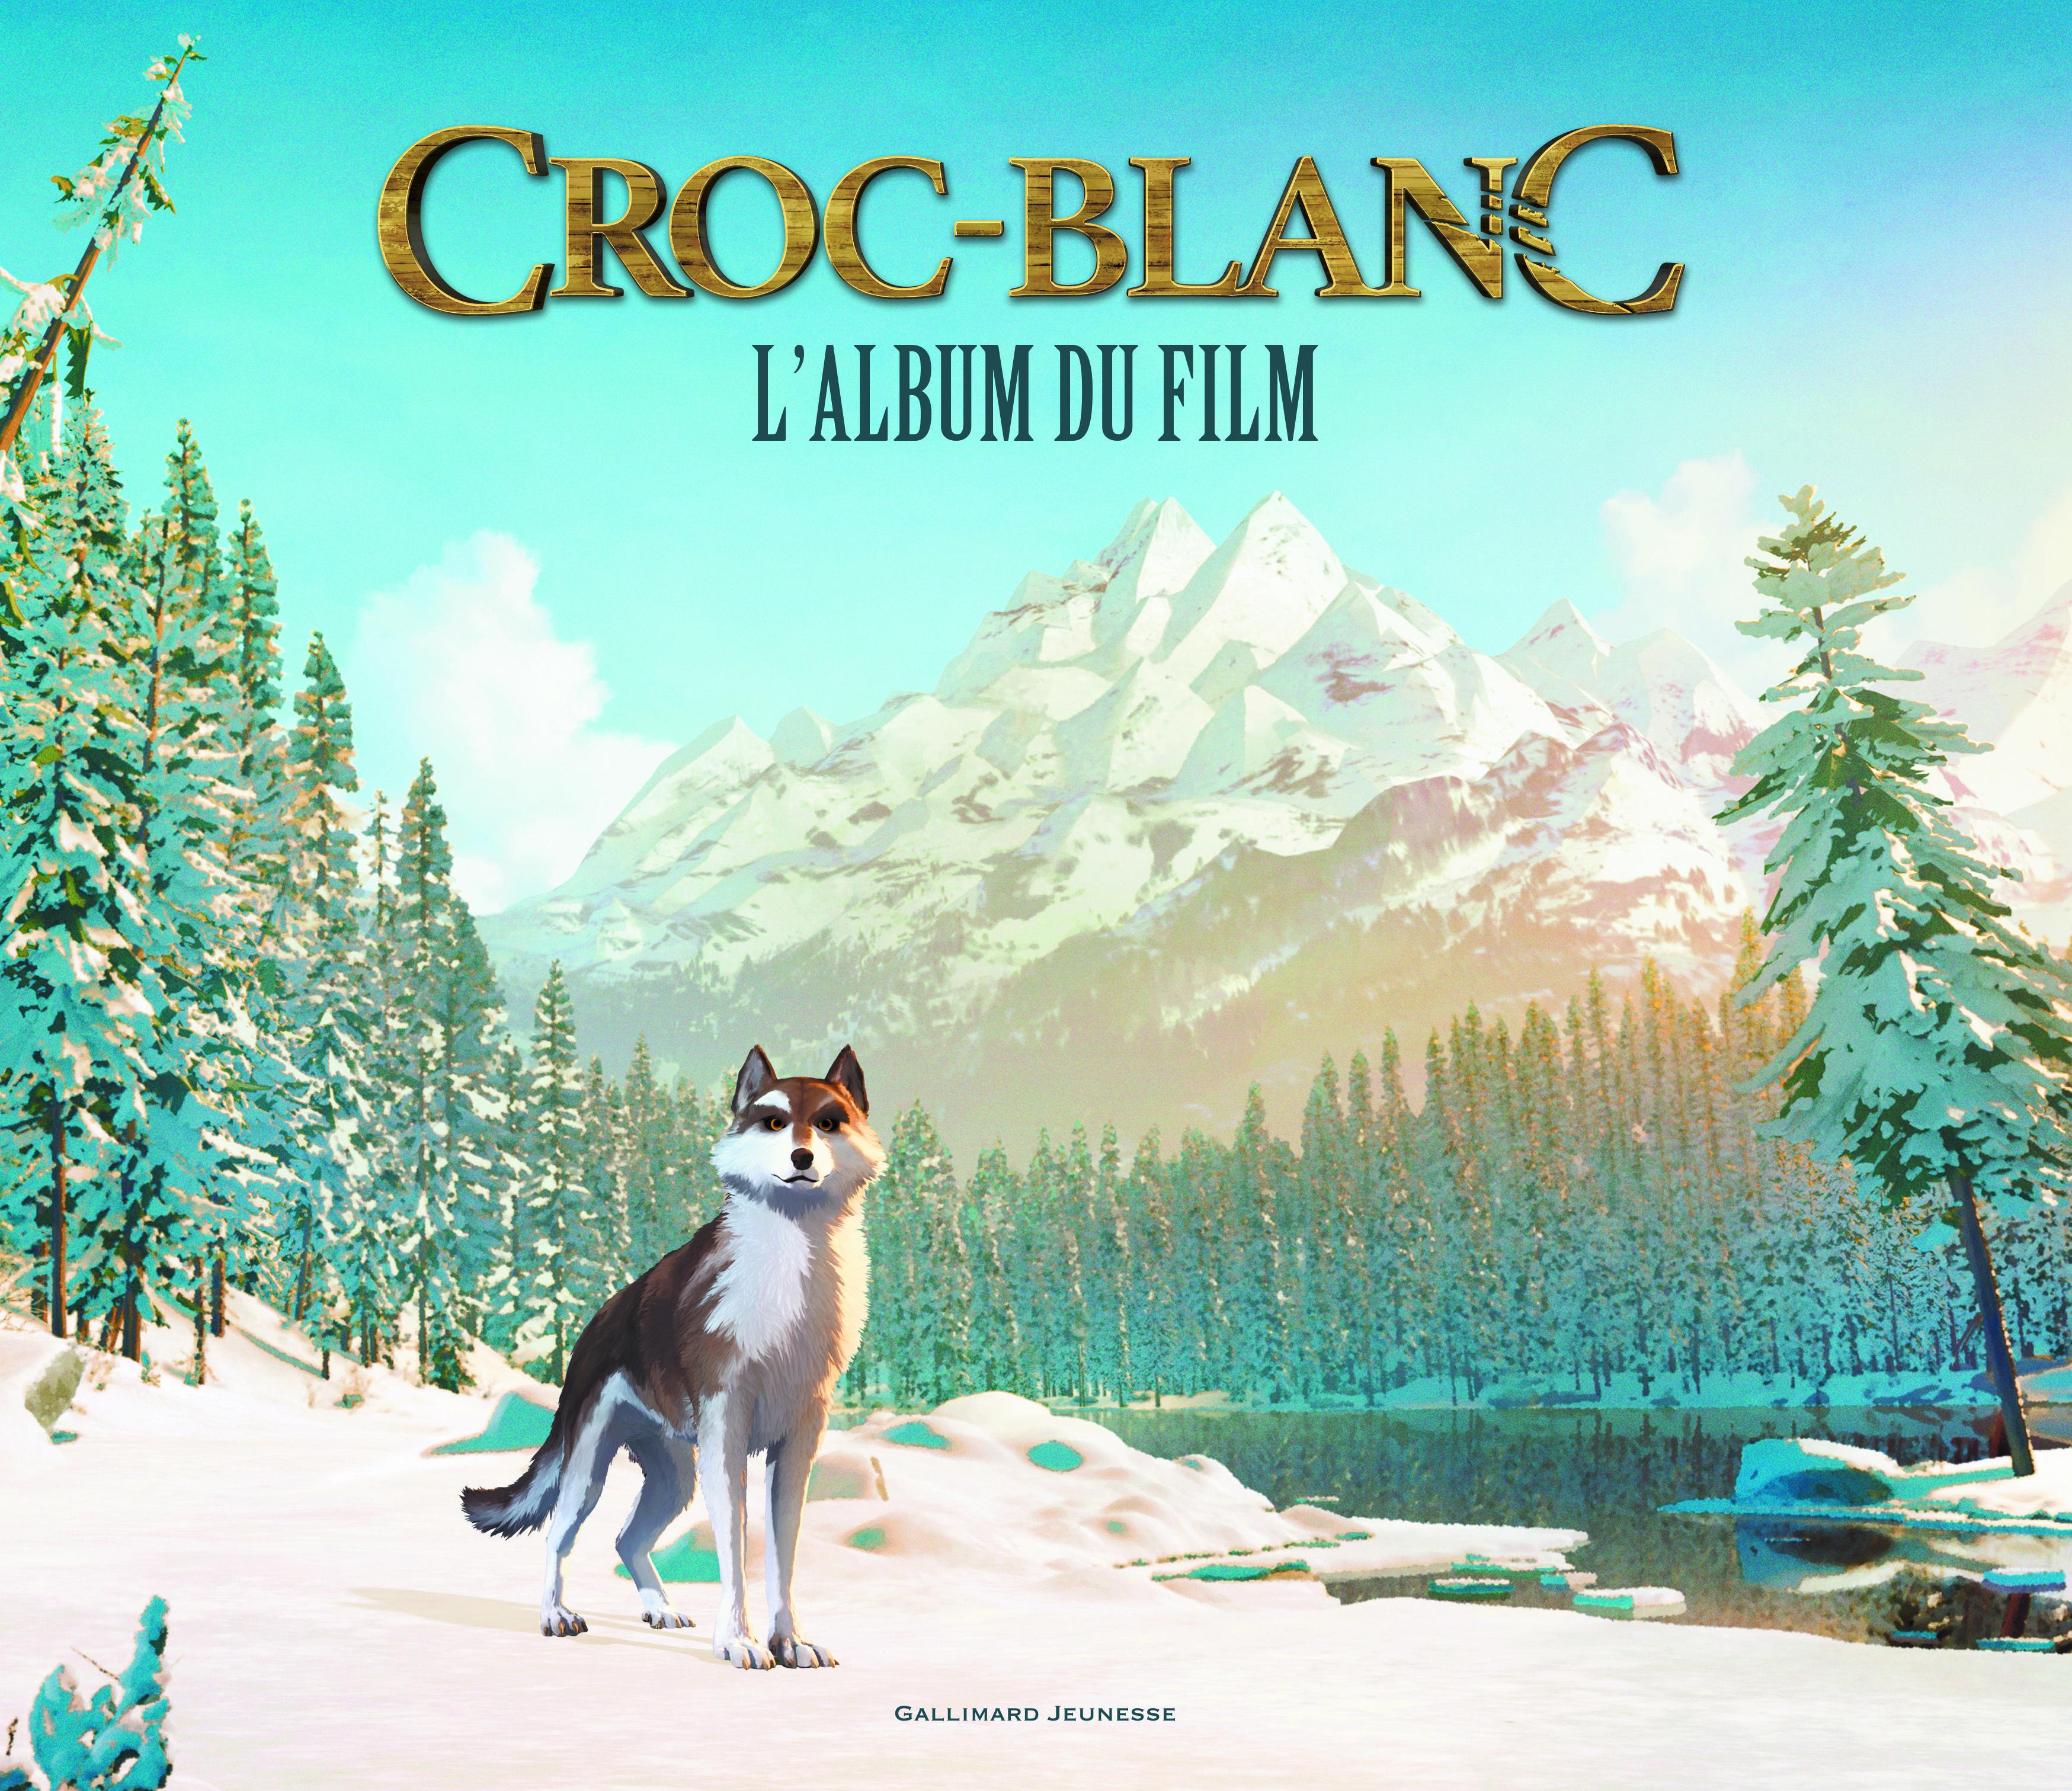 CROC-BLANC : L'ALBUM DU FILM